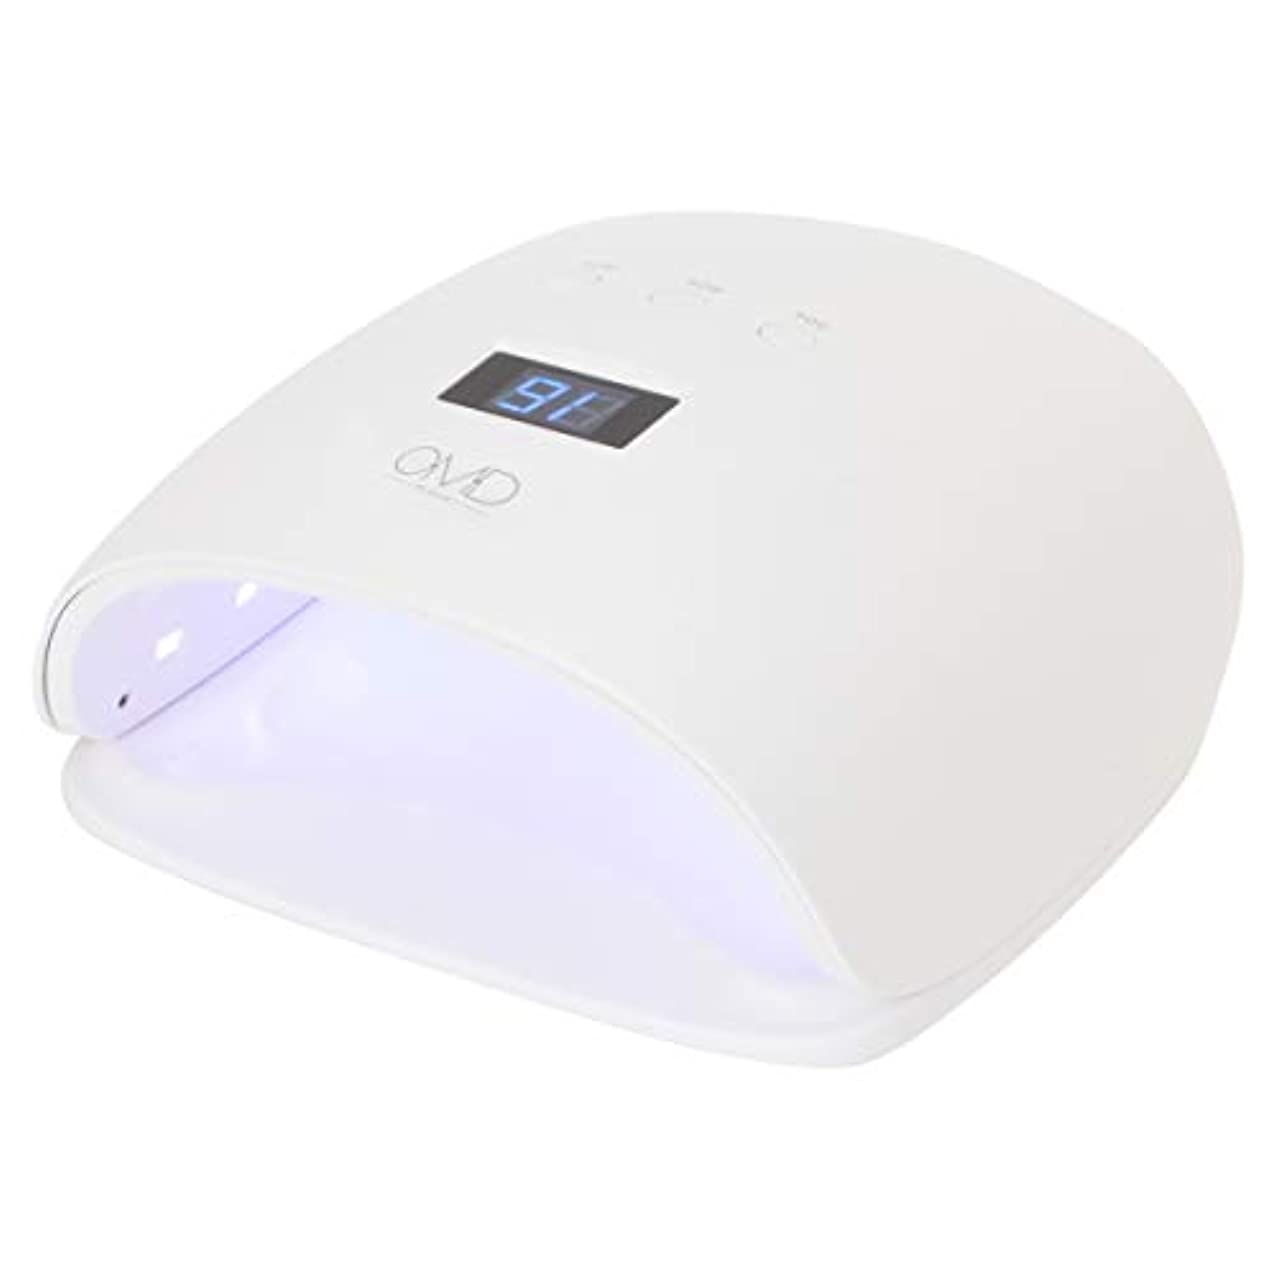 ダウン運ぶ破裂<OMD> DX UV/LEDライト-D02 [ ネイルライト ネイルランプ LEDライト LEDランプ UVライト UVランプ ジェルネイル ネイルドライヤー LED UV ネイル ライト ランプ ]